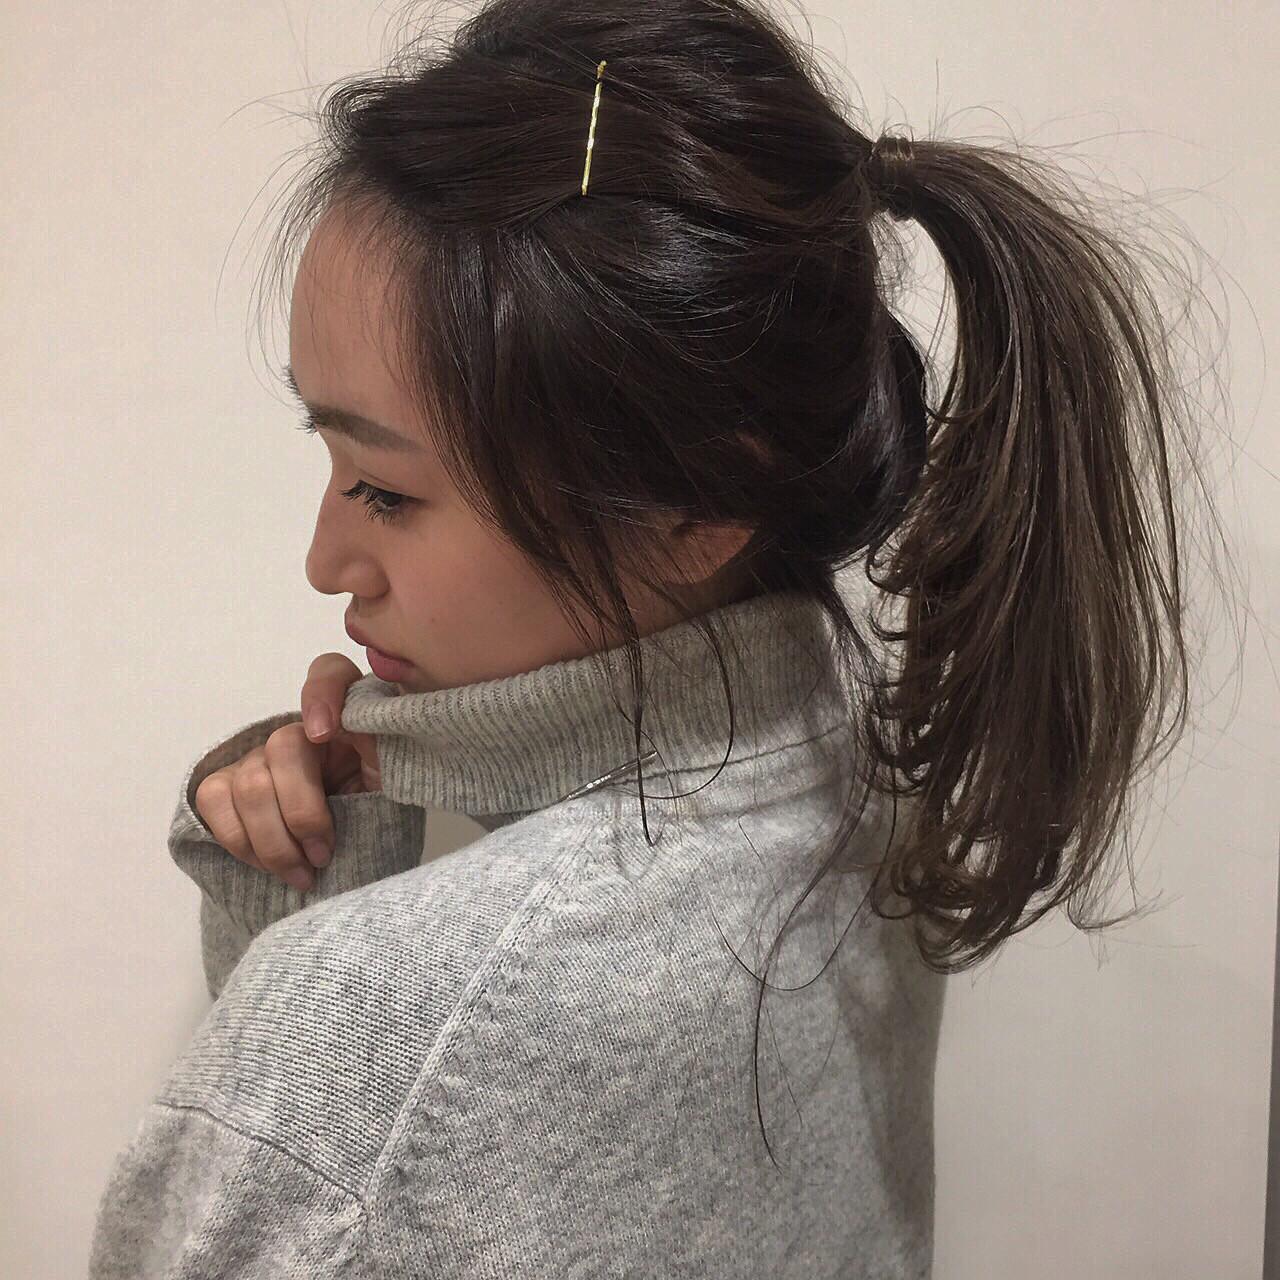 ミルクティー ヘアアレンジ ミディアム フェミニン ヘアスタイルや髪型の写真・画像